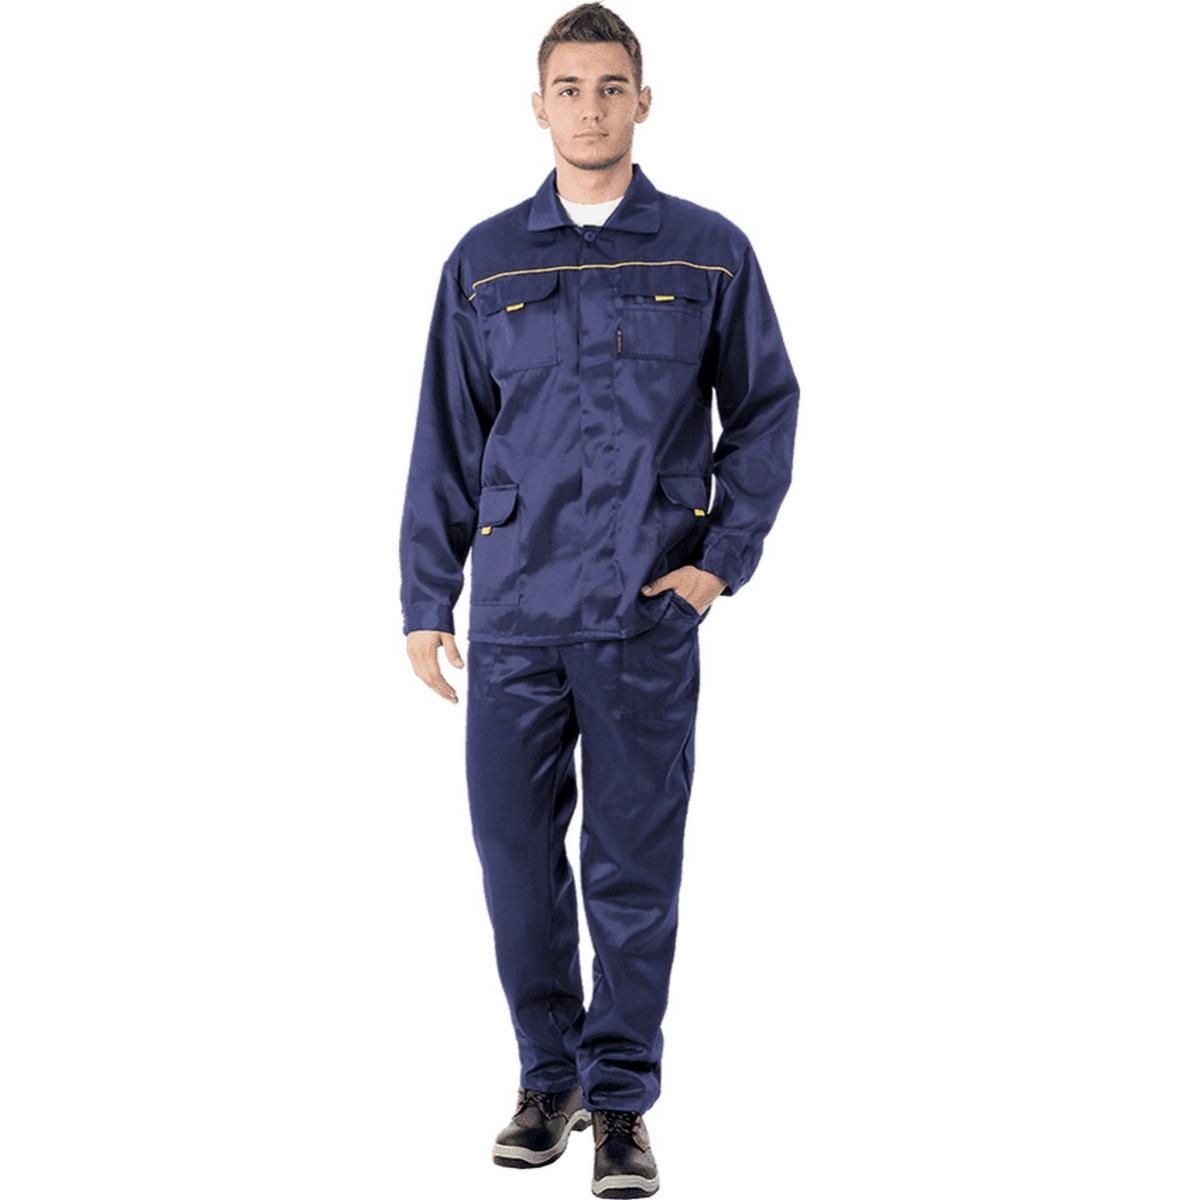 Костюм ВЫМПЕЛ-1 т/синий (куртка+брюки)  (разм. 104-108 рост 170-176)